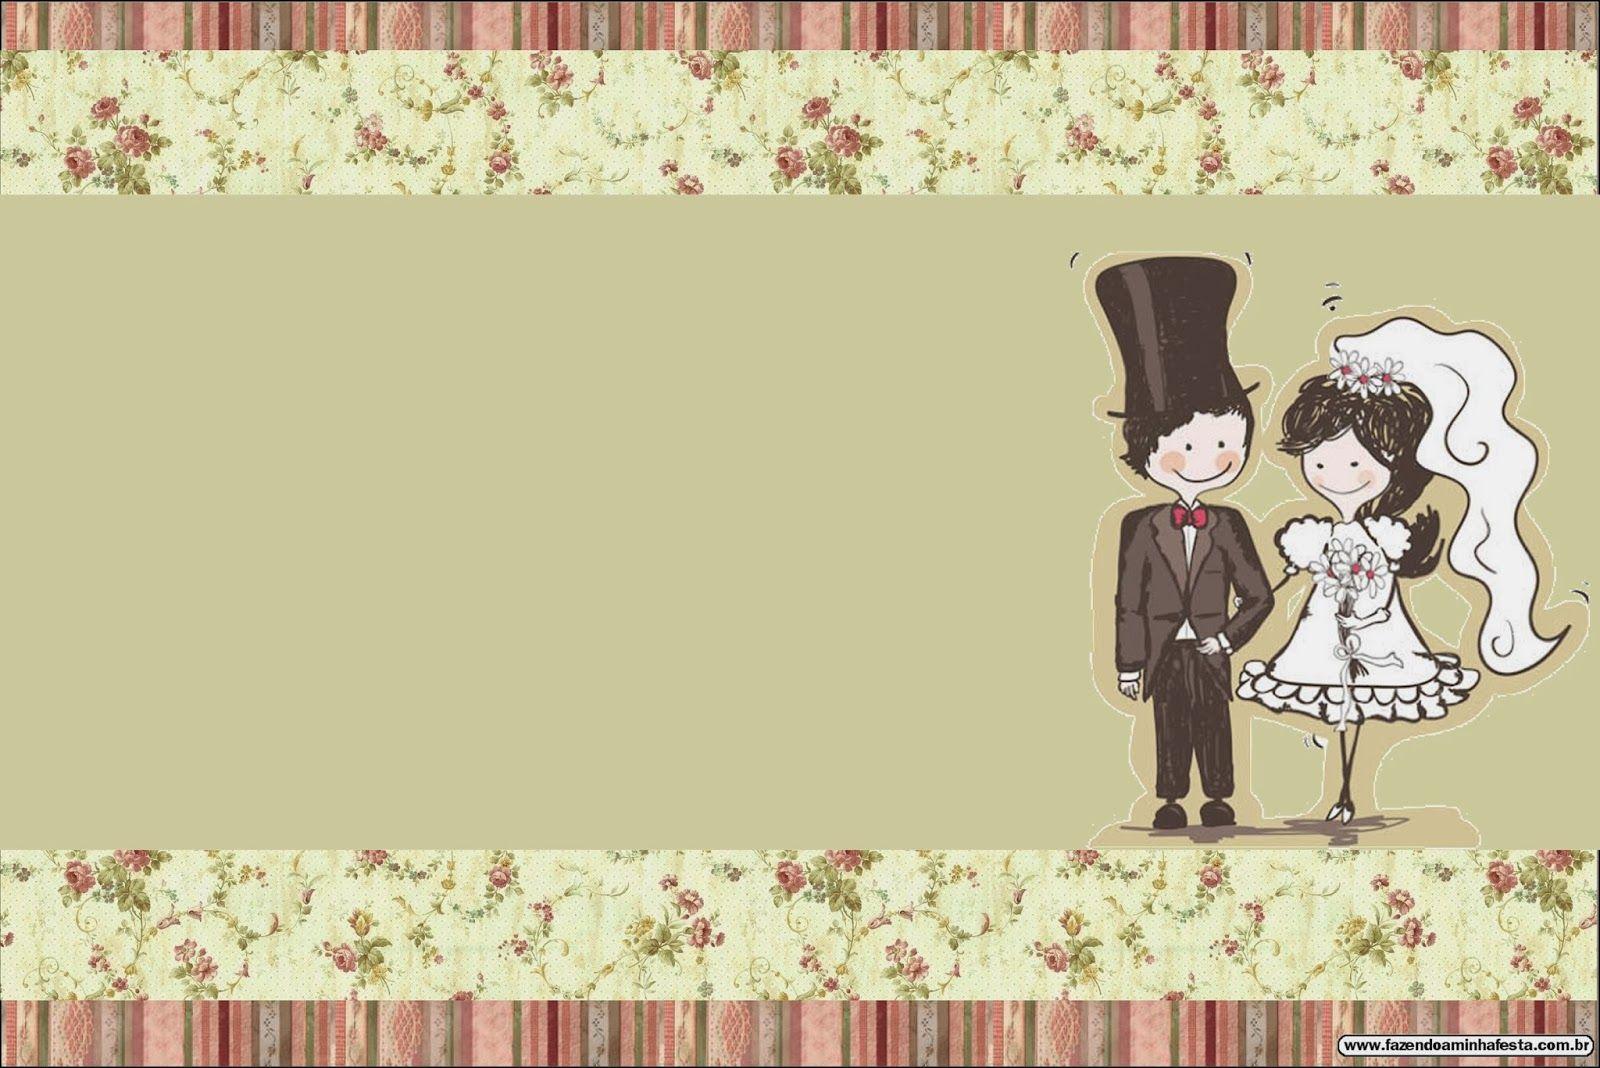 Bodas pareja con fondo provenzal tarjetas o invitaciones - Tarjeta de boda ...